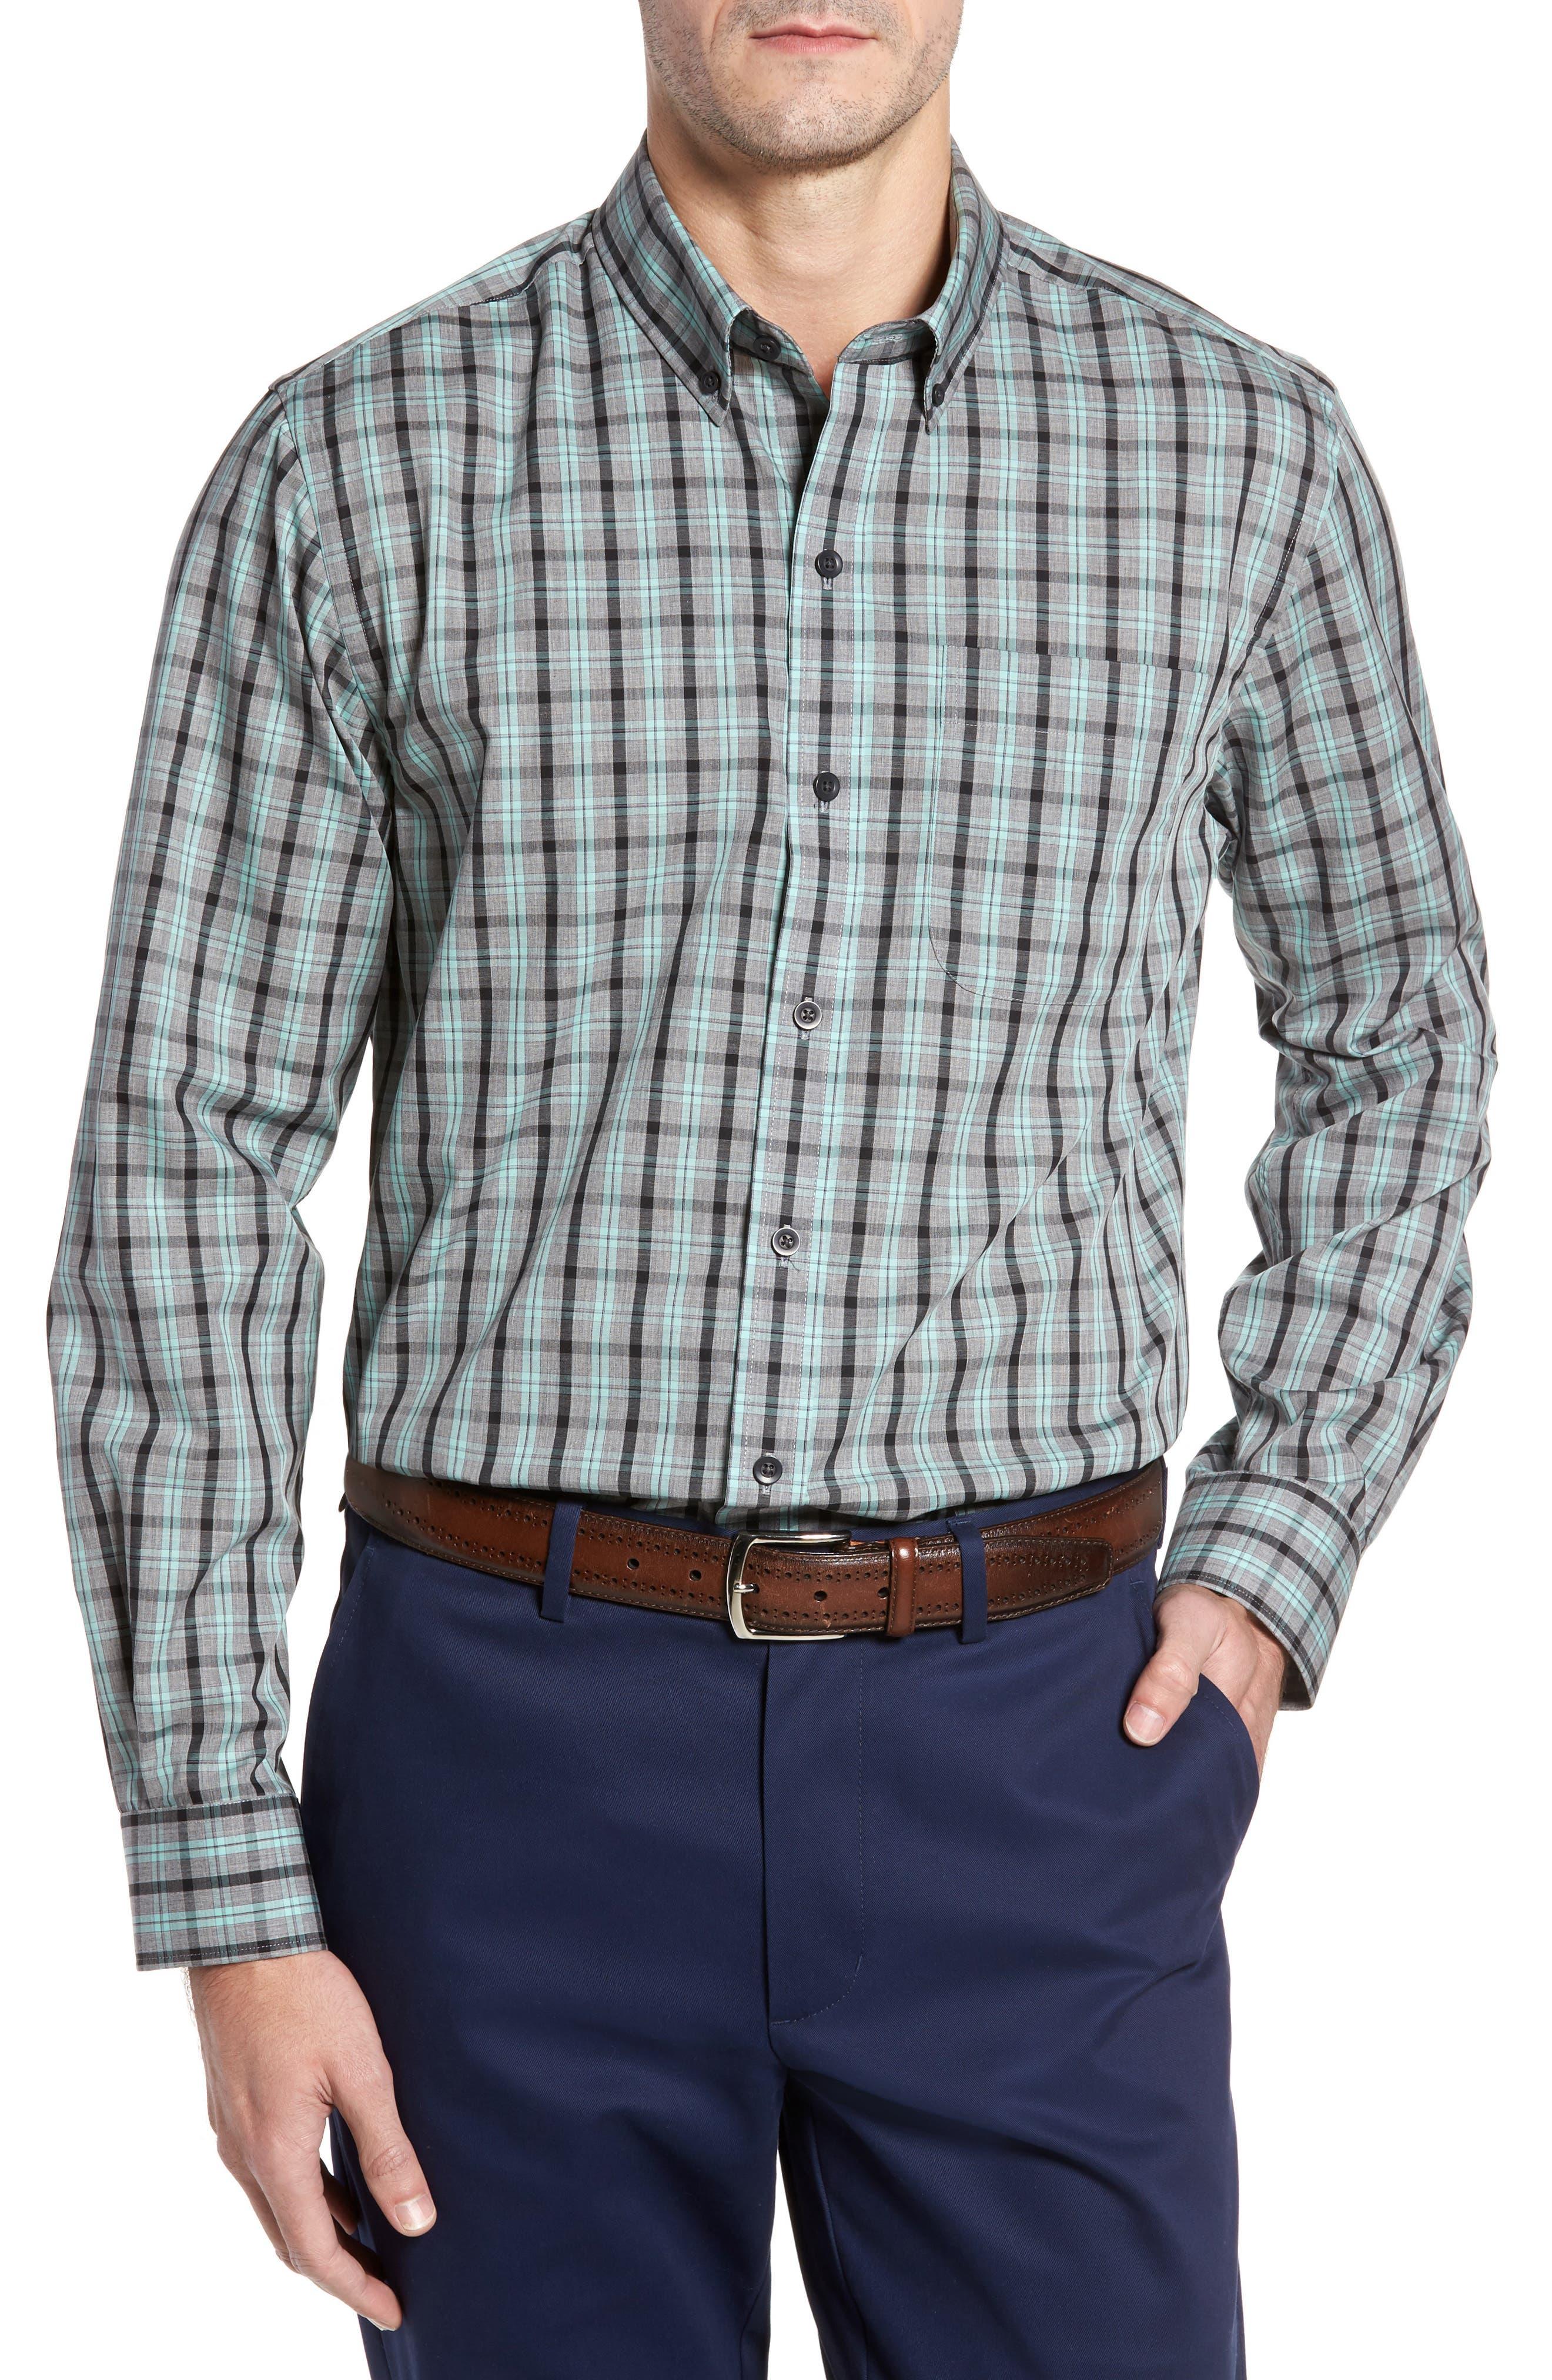 Alternate Image 1 Selected - Cutter & Buck Davis Non-Iron Plaid Sport Shirt